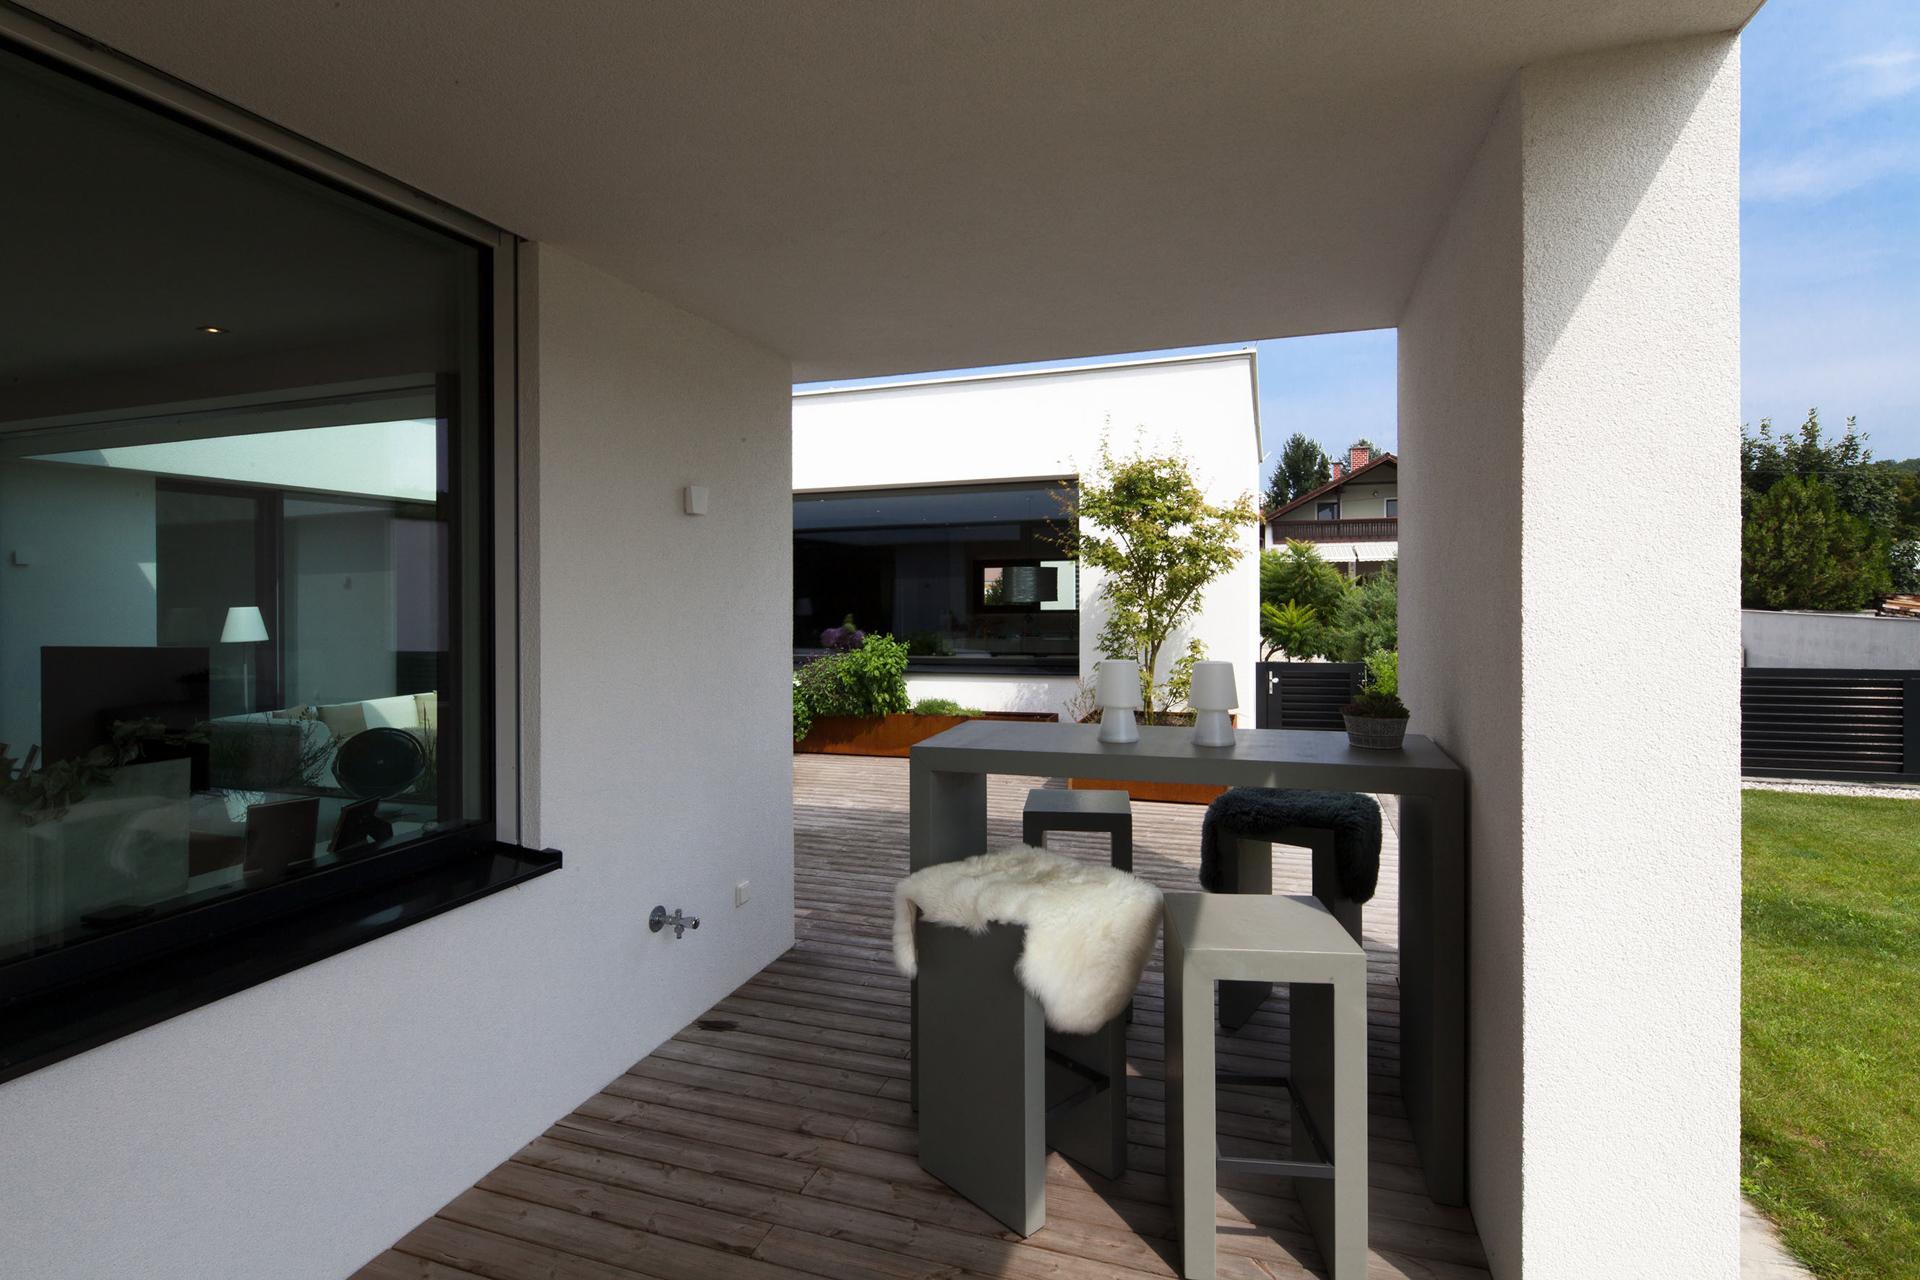 """Ansicht des Innenhofes bzw. der Terrasse im """"Bungalow R"""" der Paschinger Architekten"""